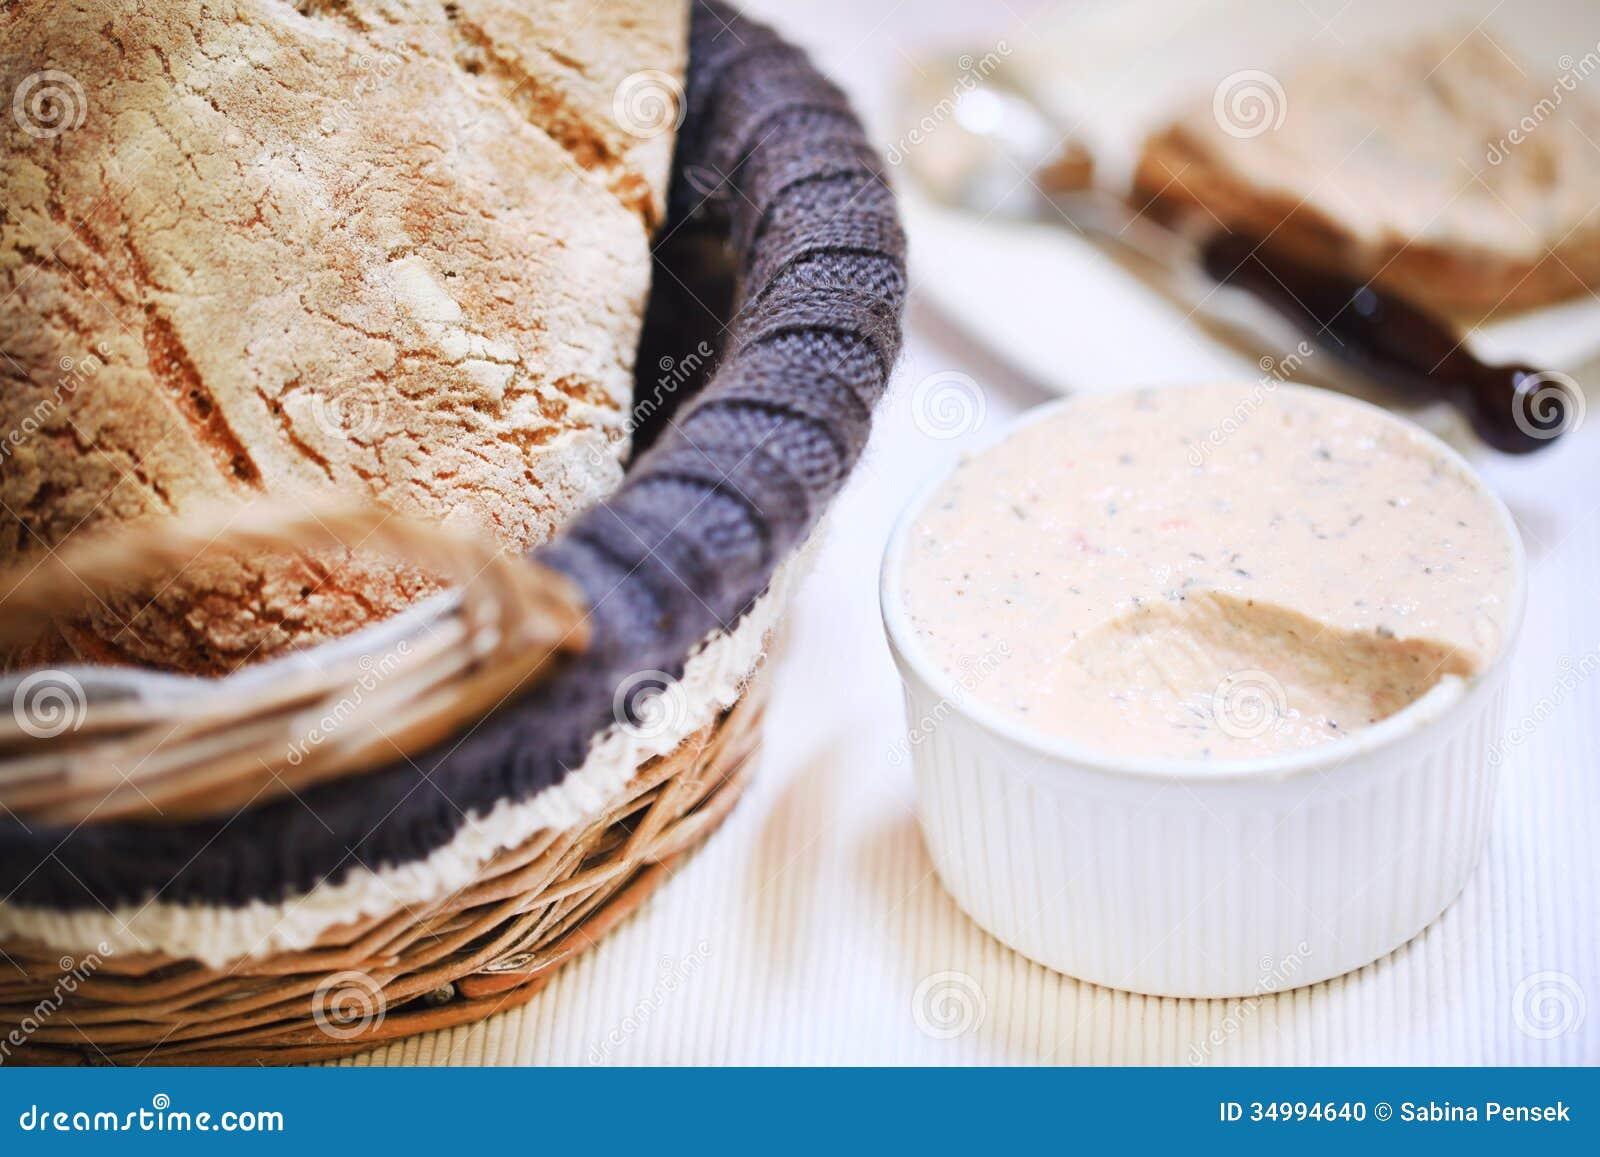 Uwędzony łososiowy śmietanki rozszerzanie się w ramekin z chlebowym bochenkiem, zakąska